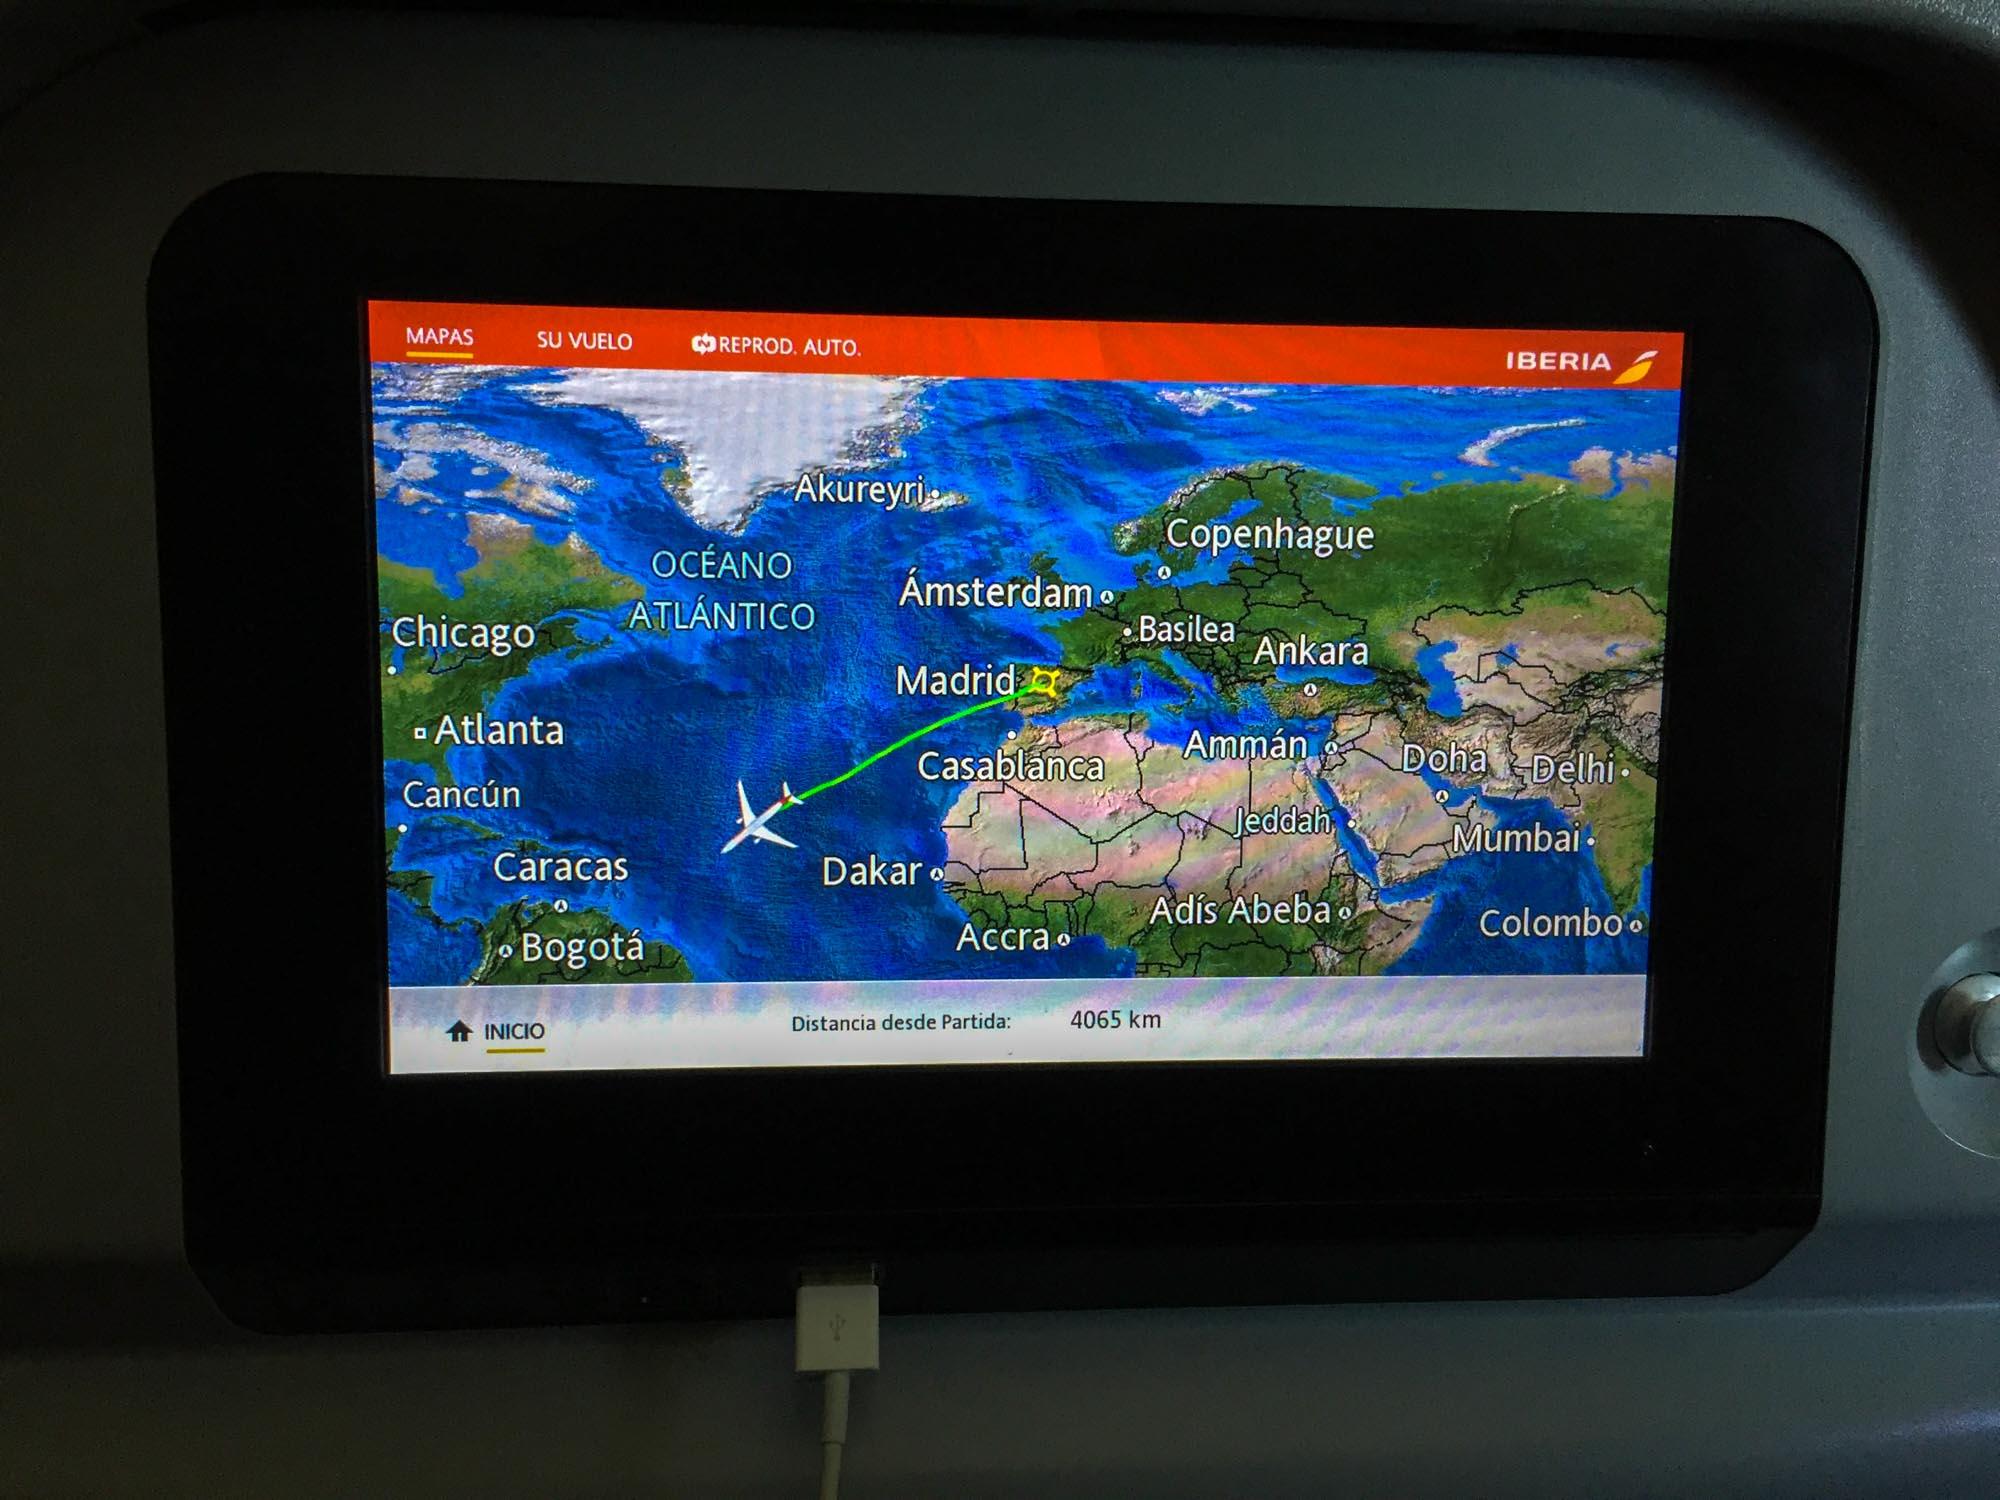 Trajet avion Iberia